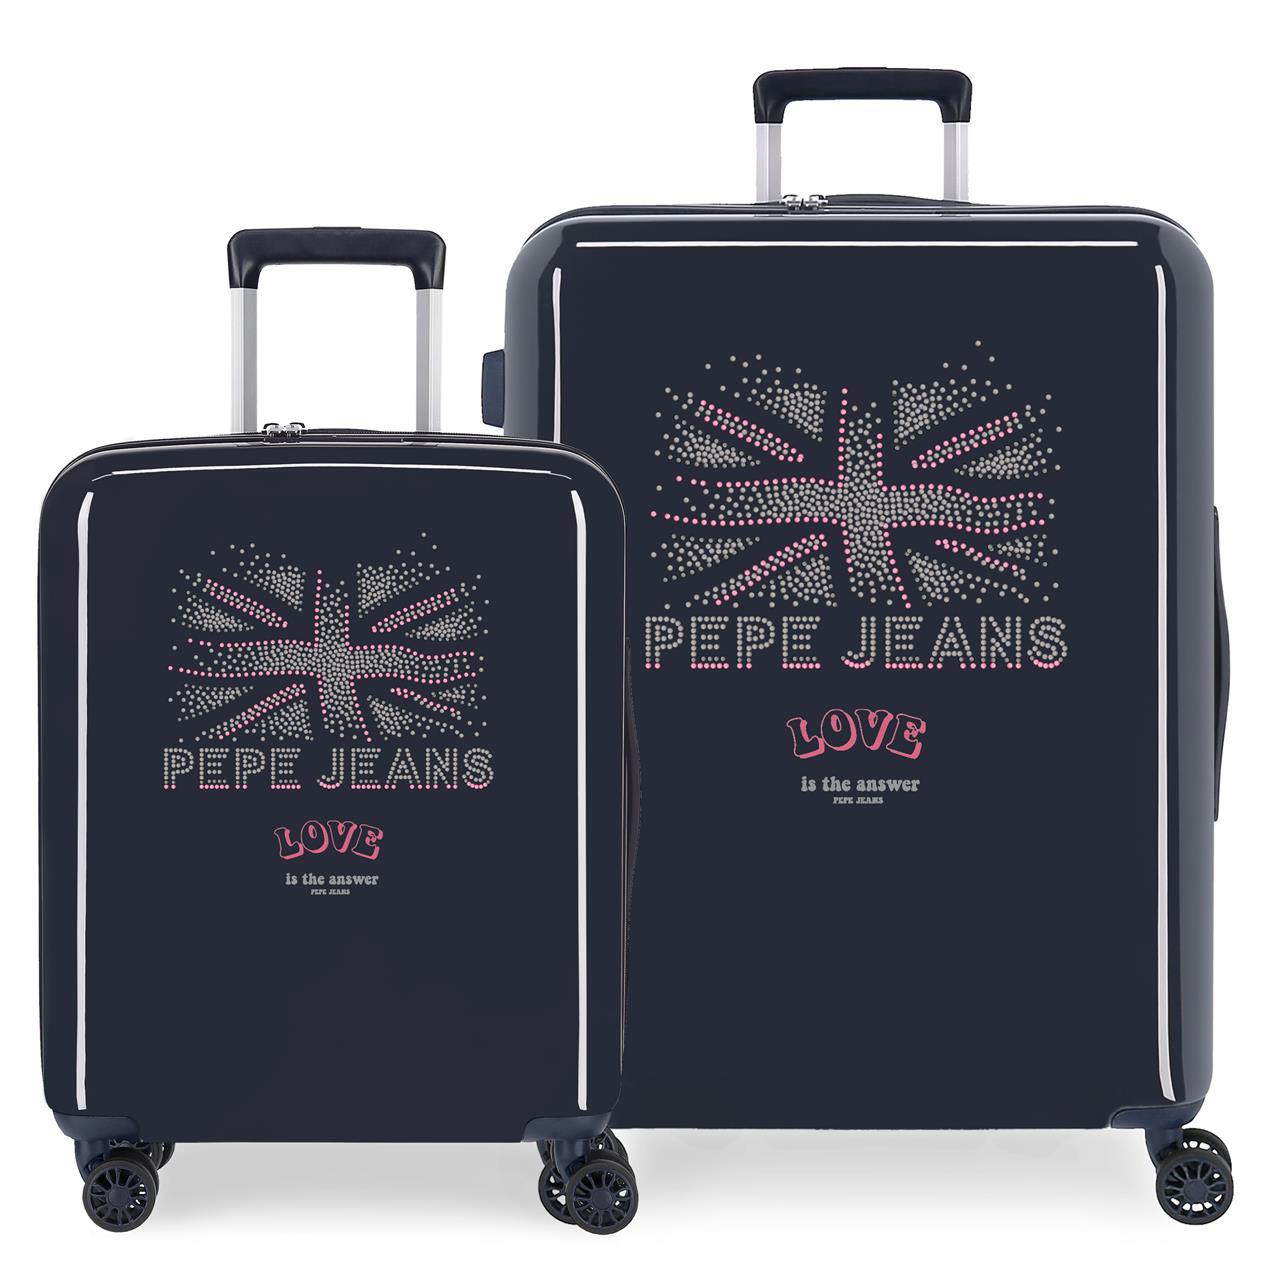 6259721 Juego Maletas Cabina y Mediana Pepe Jeans Ada